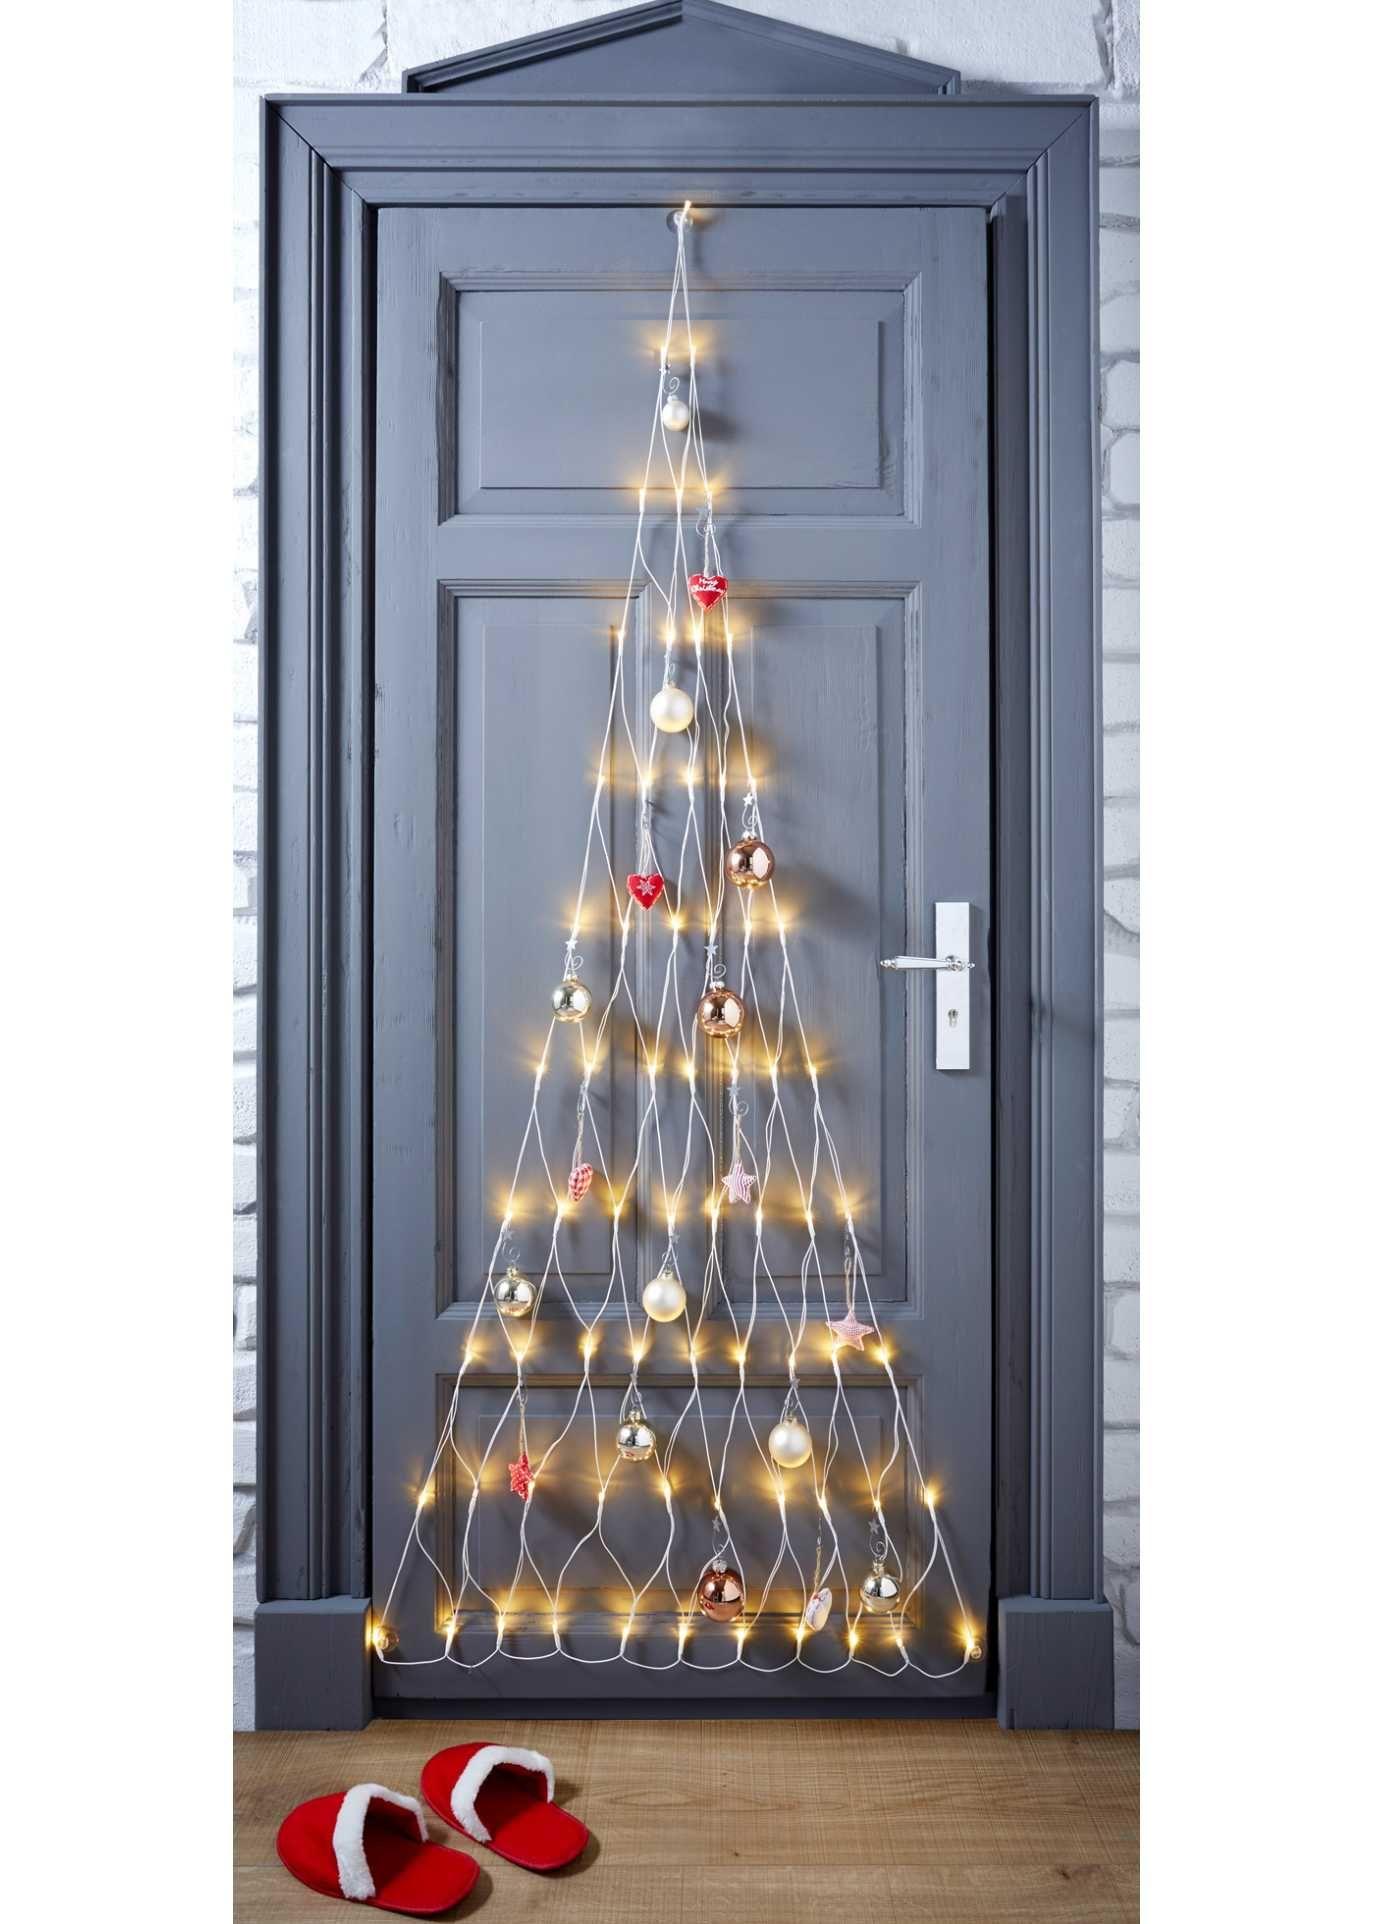 Decorazioni Natalizie A Led.Rete Luminosa A Led Albero Di Natale Bpc Living Alberi Di Natale Led Albero Di Natale Bianco